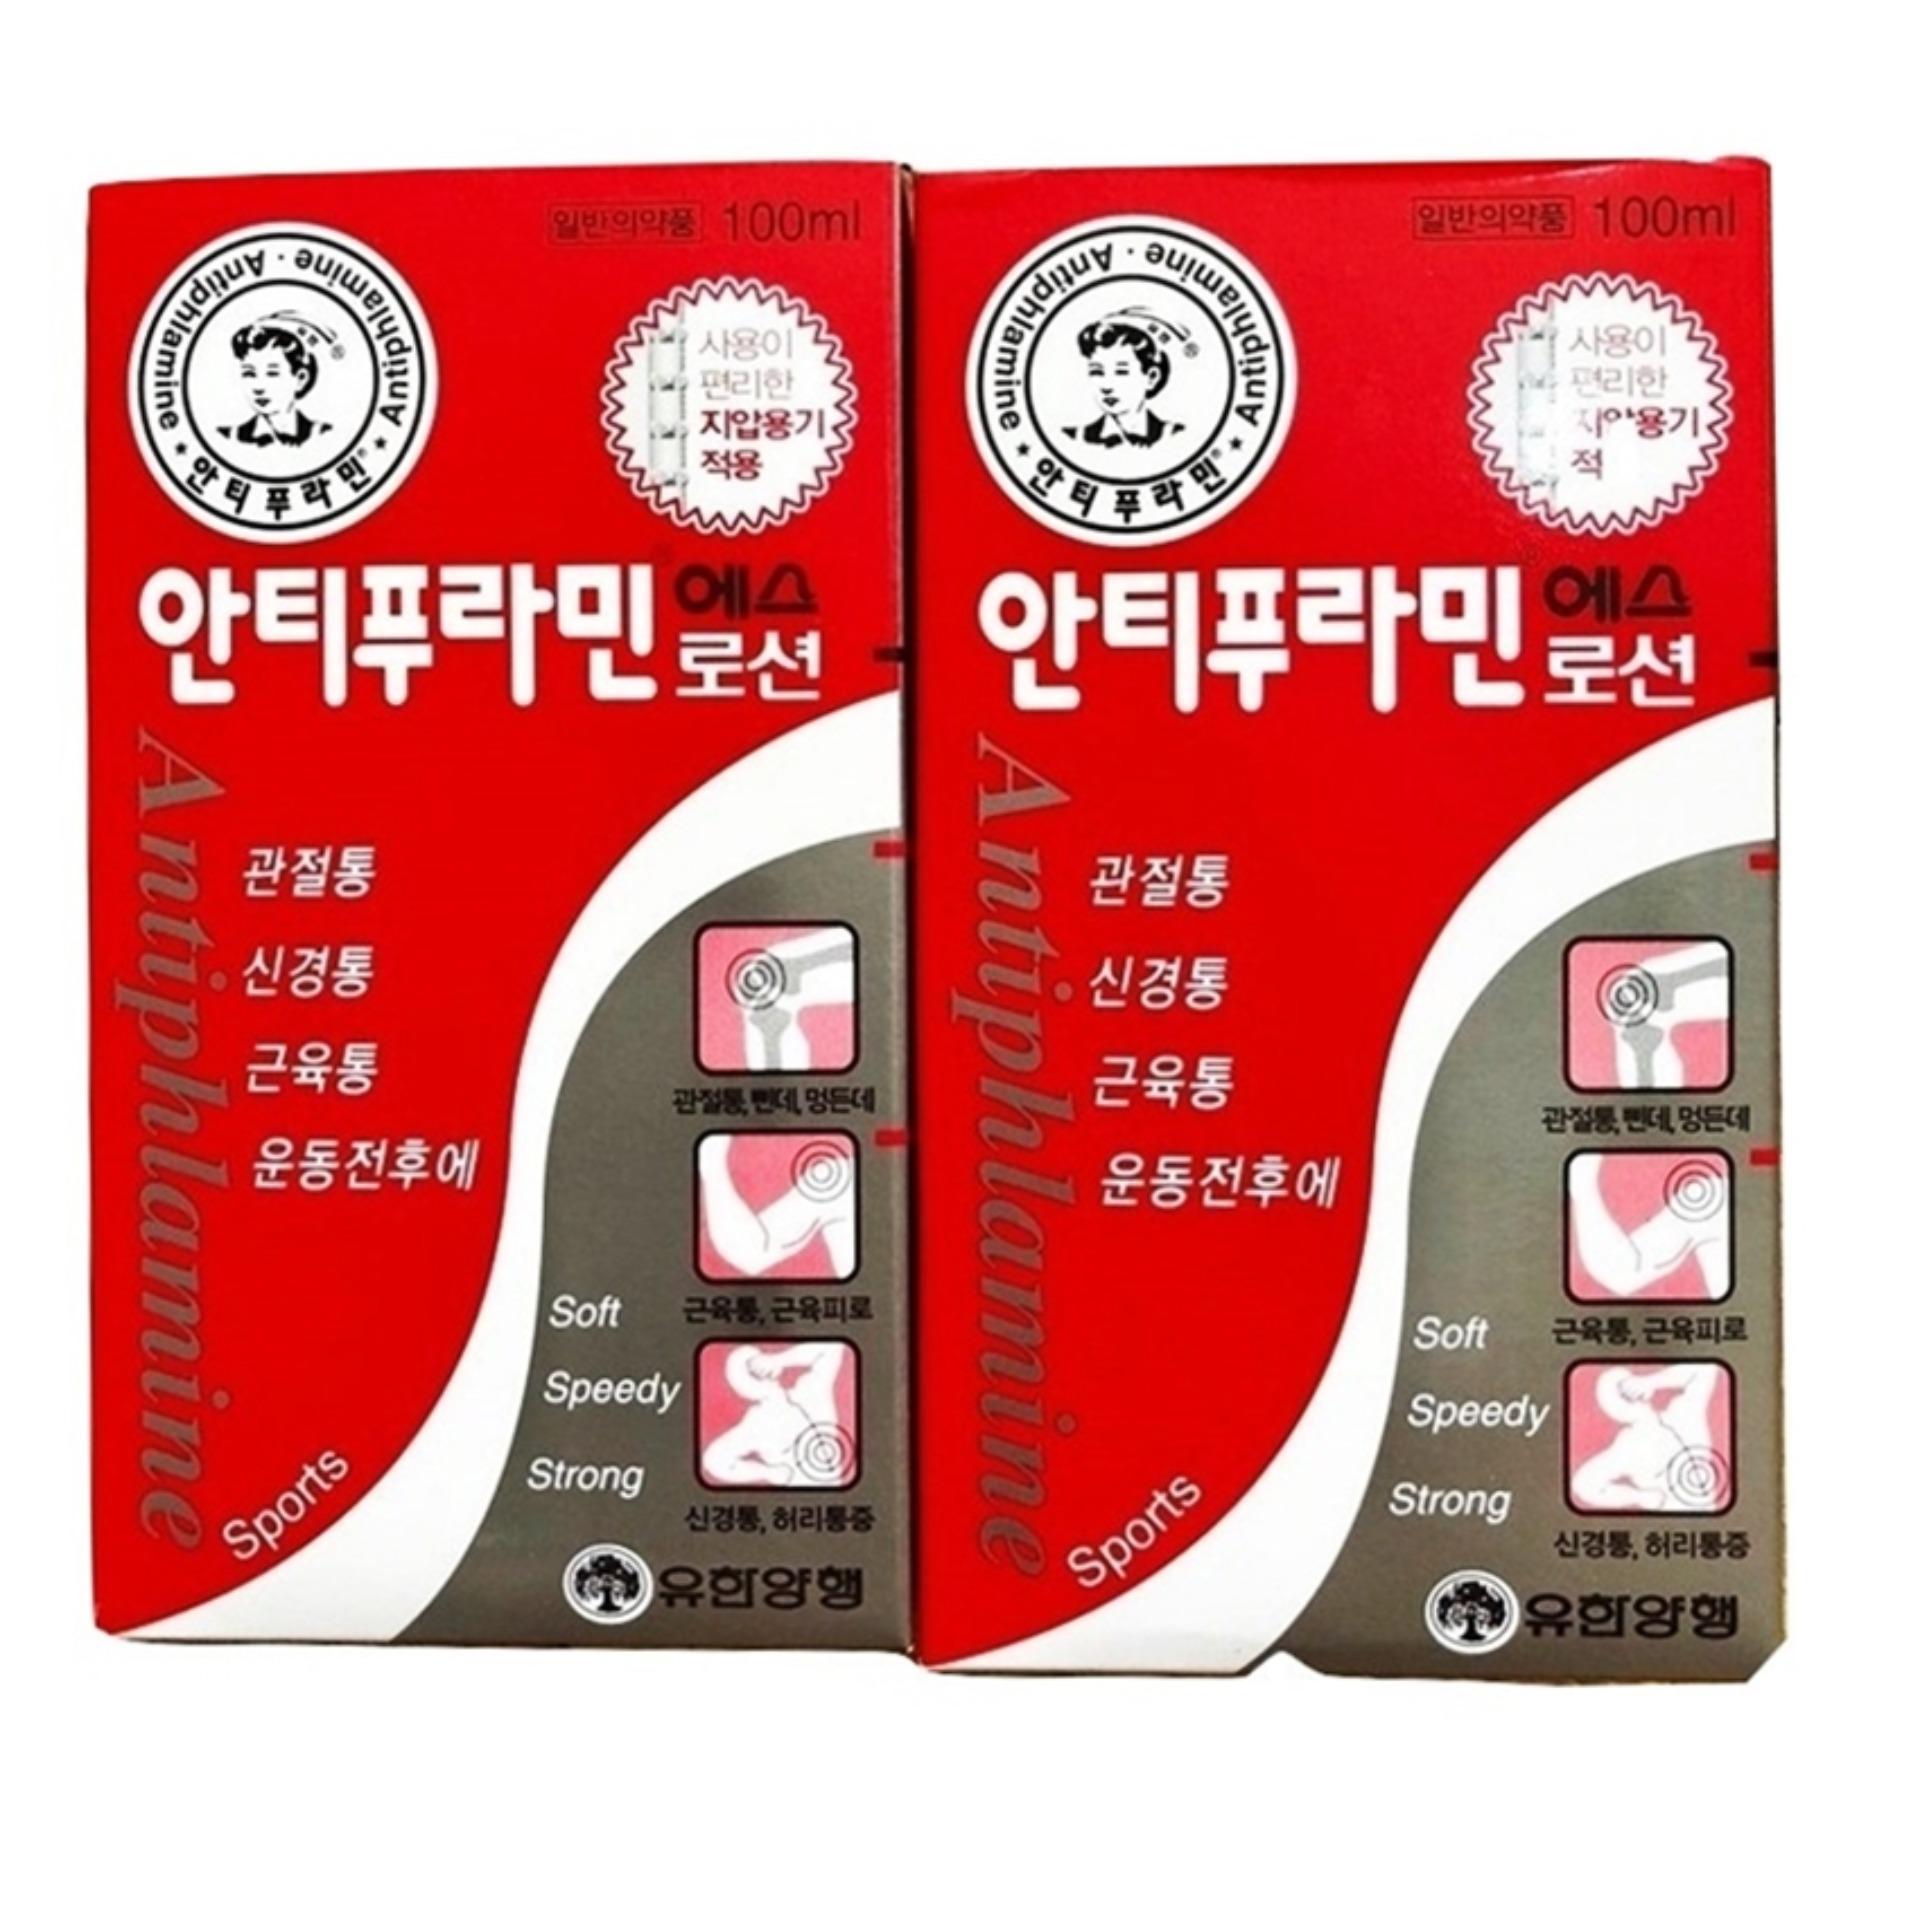 Dầu Nóng Antiphlamine Hàn Quốc 2x Hộp 100ml (Đỏ) nhập khẩu